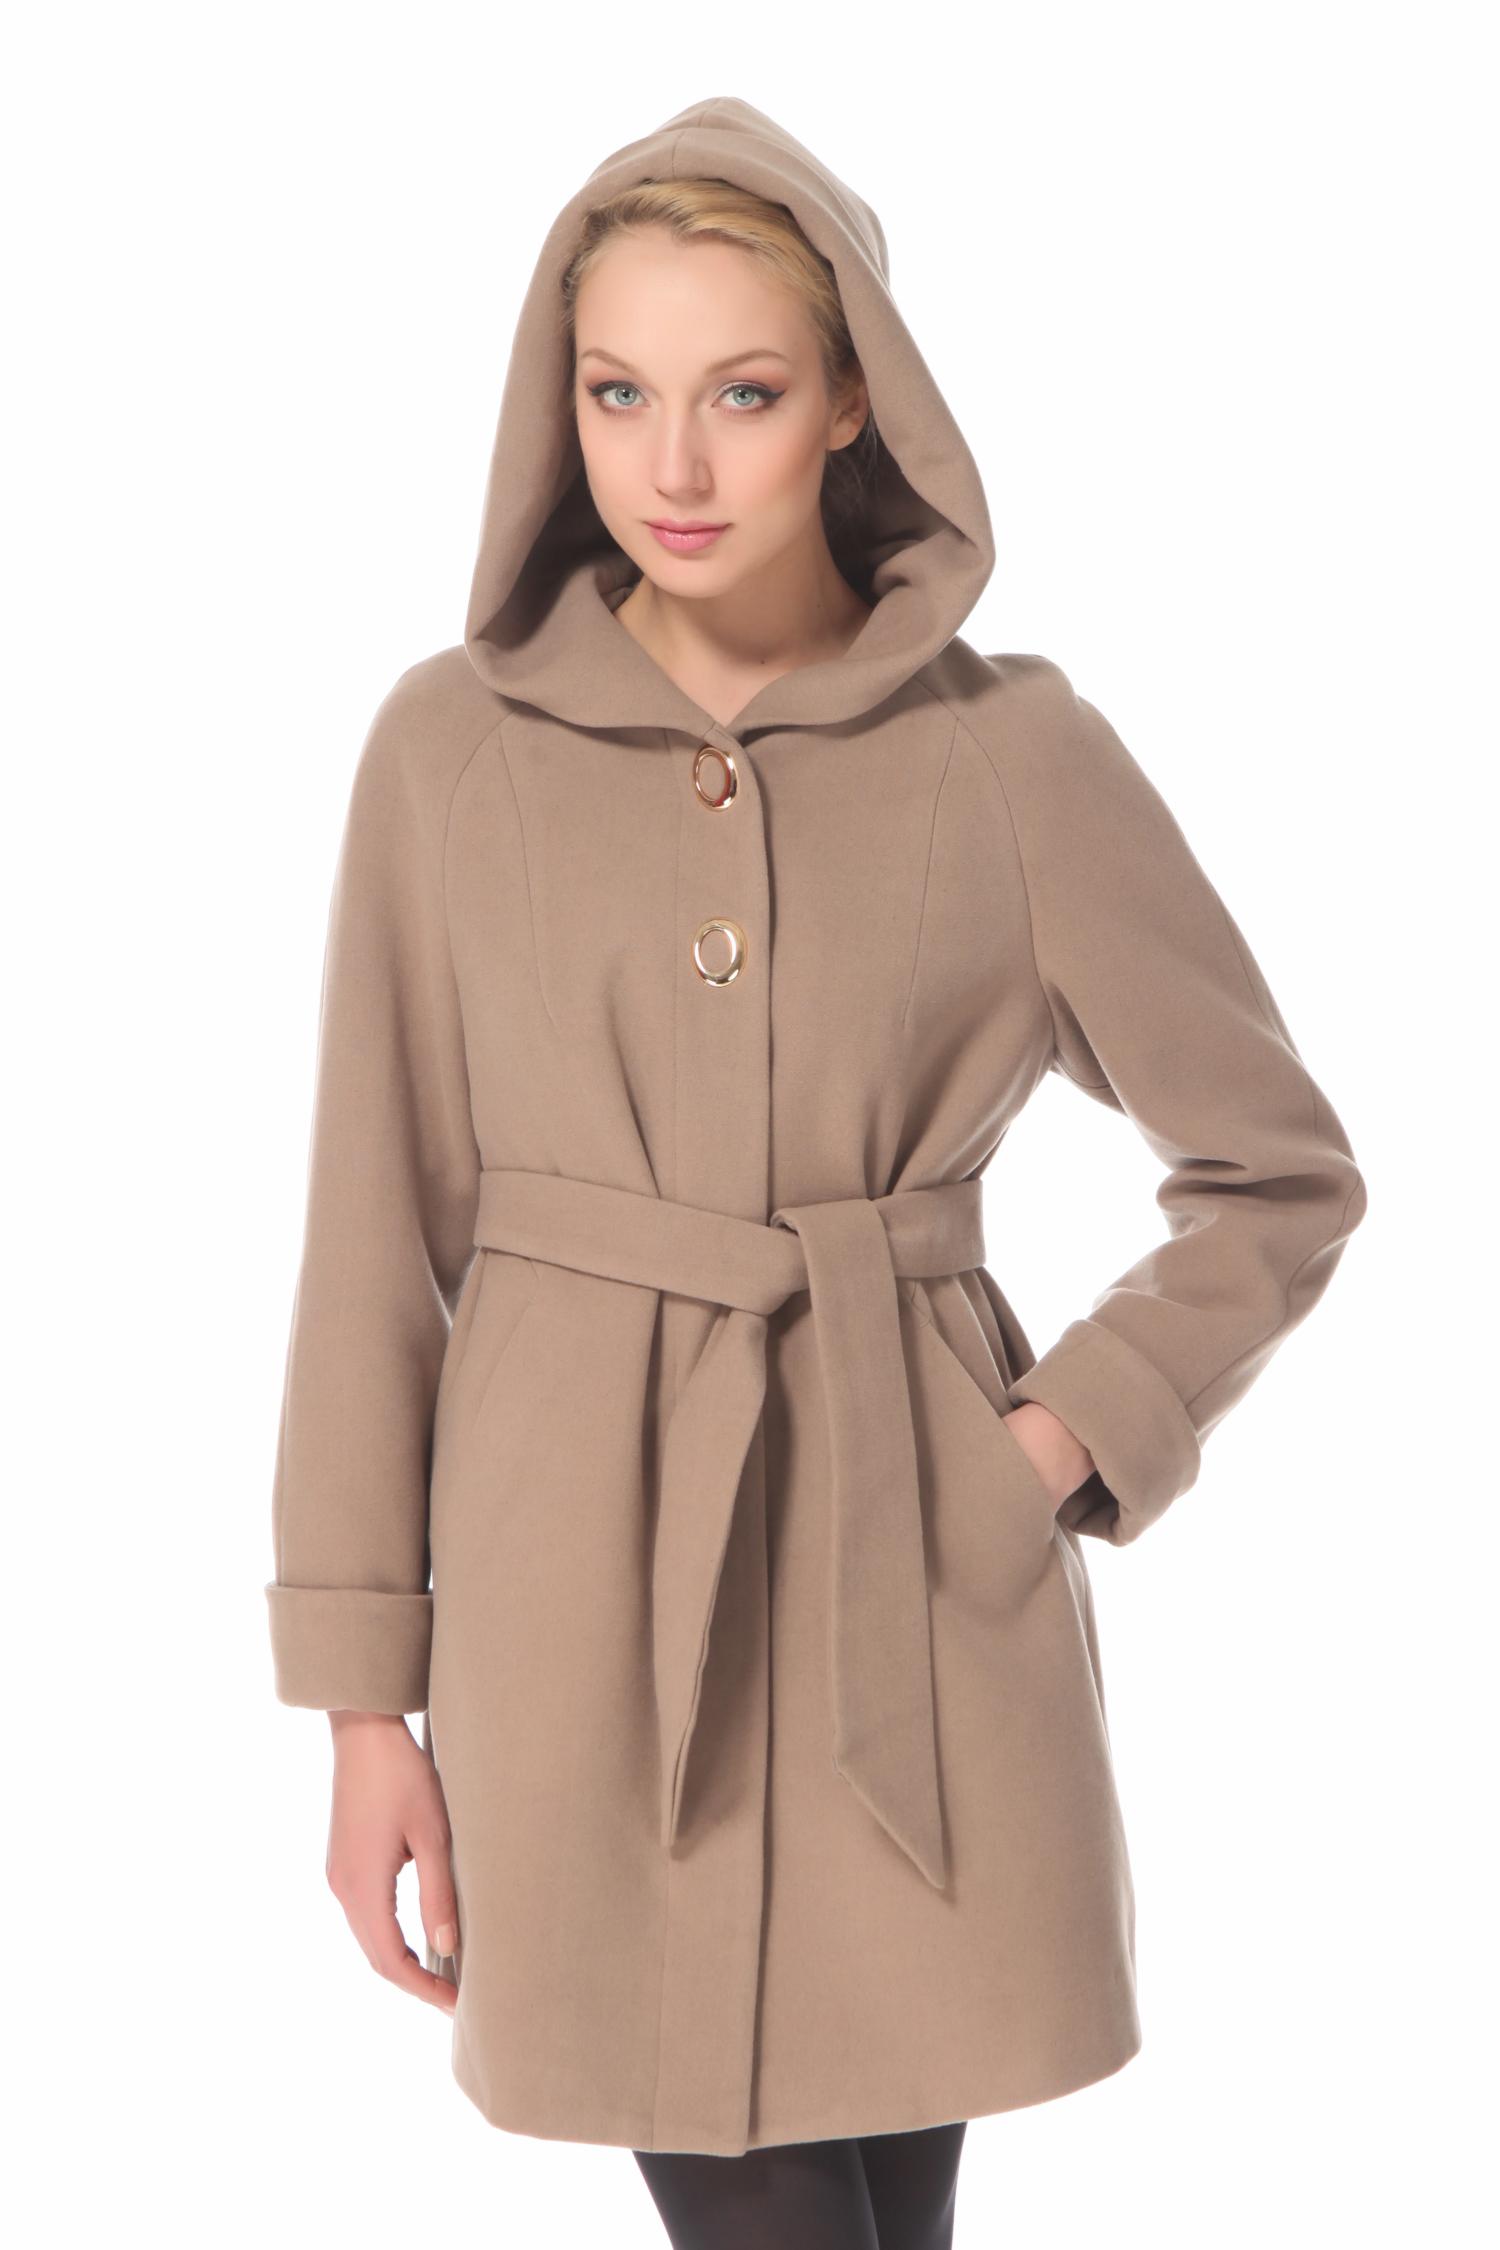 Женское пальто с капюшоном, без отделки<br><br>Воротник: Капюшон<br>Длина см: 85<br>Материал: 20% шерсть 70% полиэстер 10% в<br>Цвет: Бежевый<br>Пол: Женский